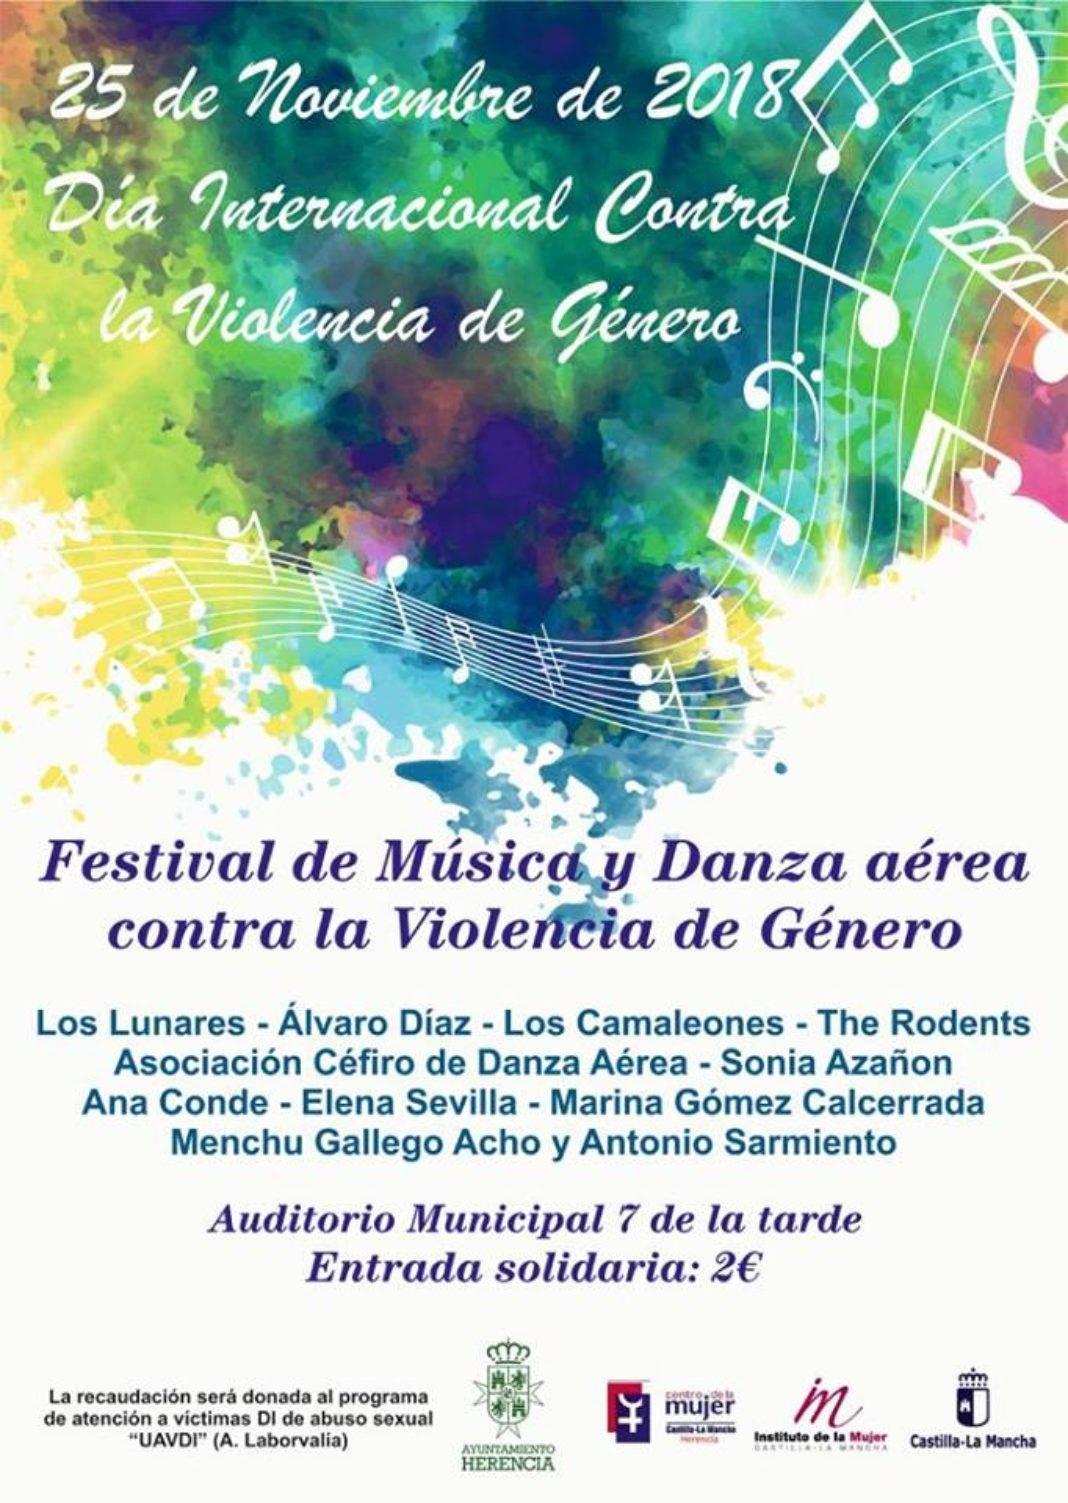 Festival de música y danza contra la violencia de género en Herencia 1068x1503 - Festival de música y danza contra la violencia de género